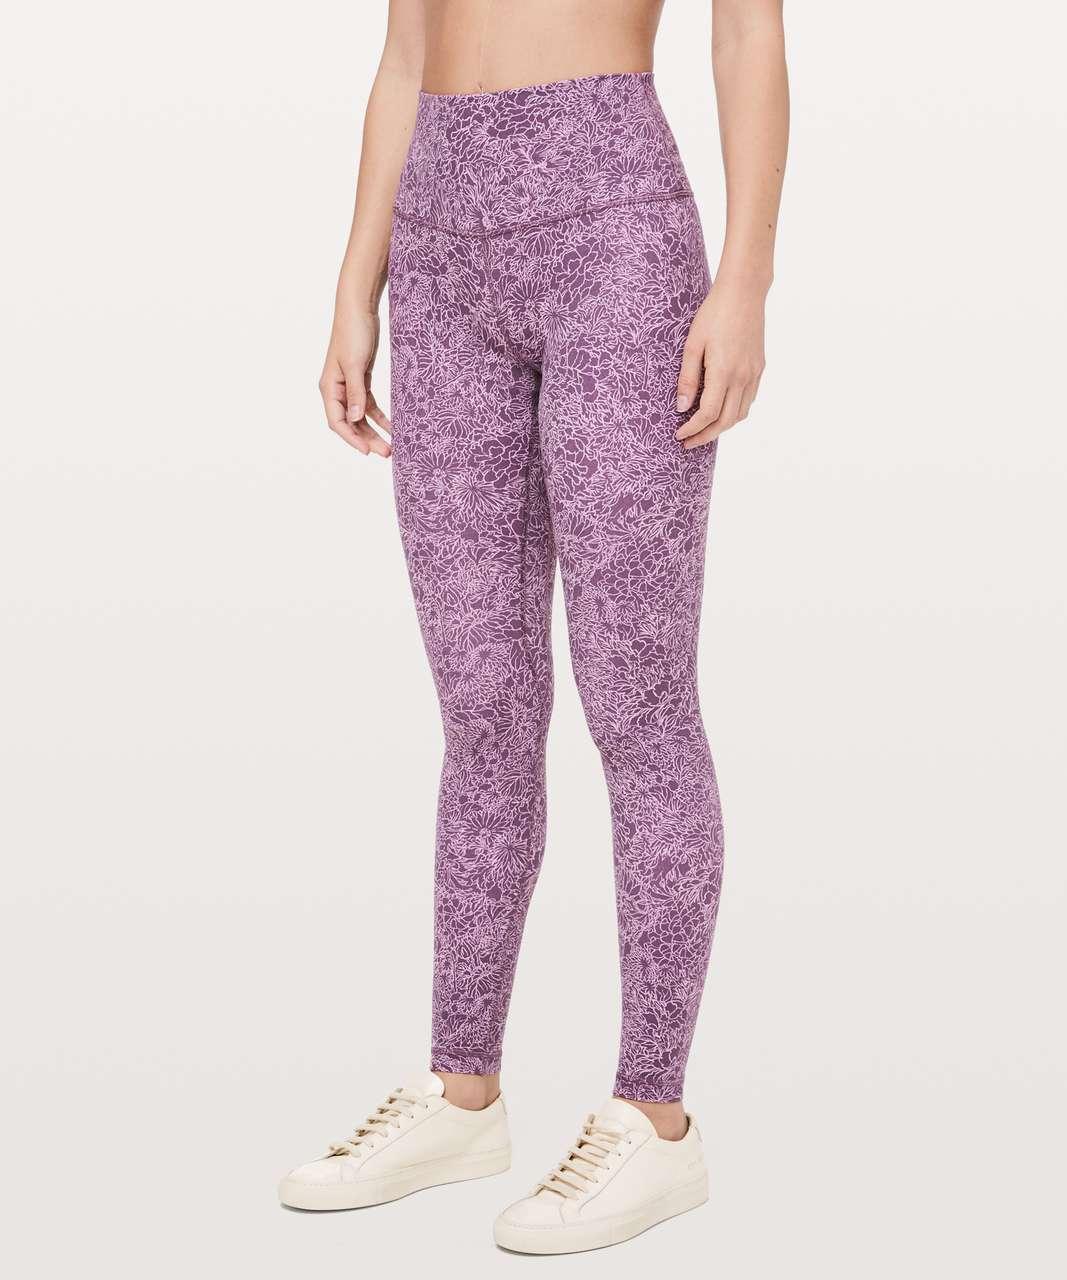 """Lululemon Align Pant *Full Length 28"""" - Arabesque Antoinette Smoky Quartz"""